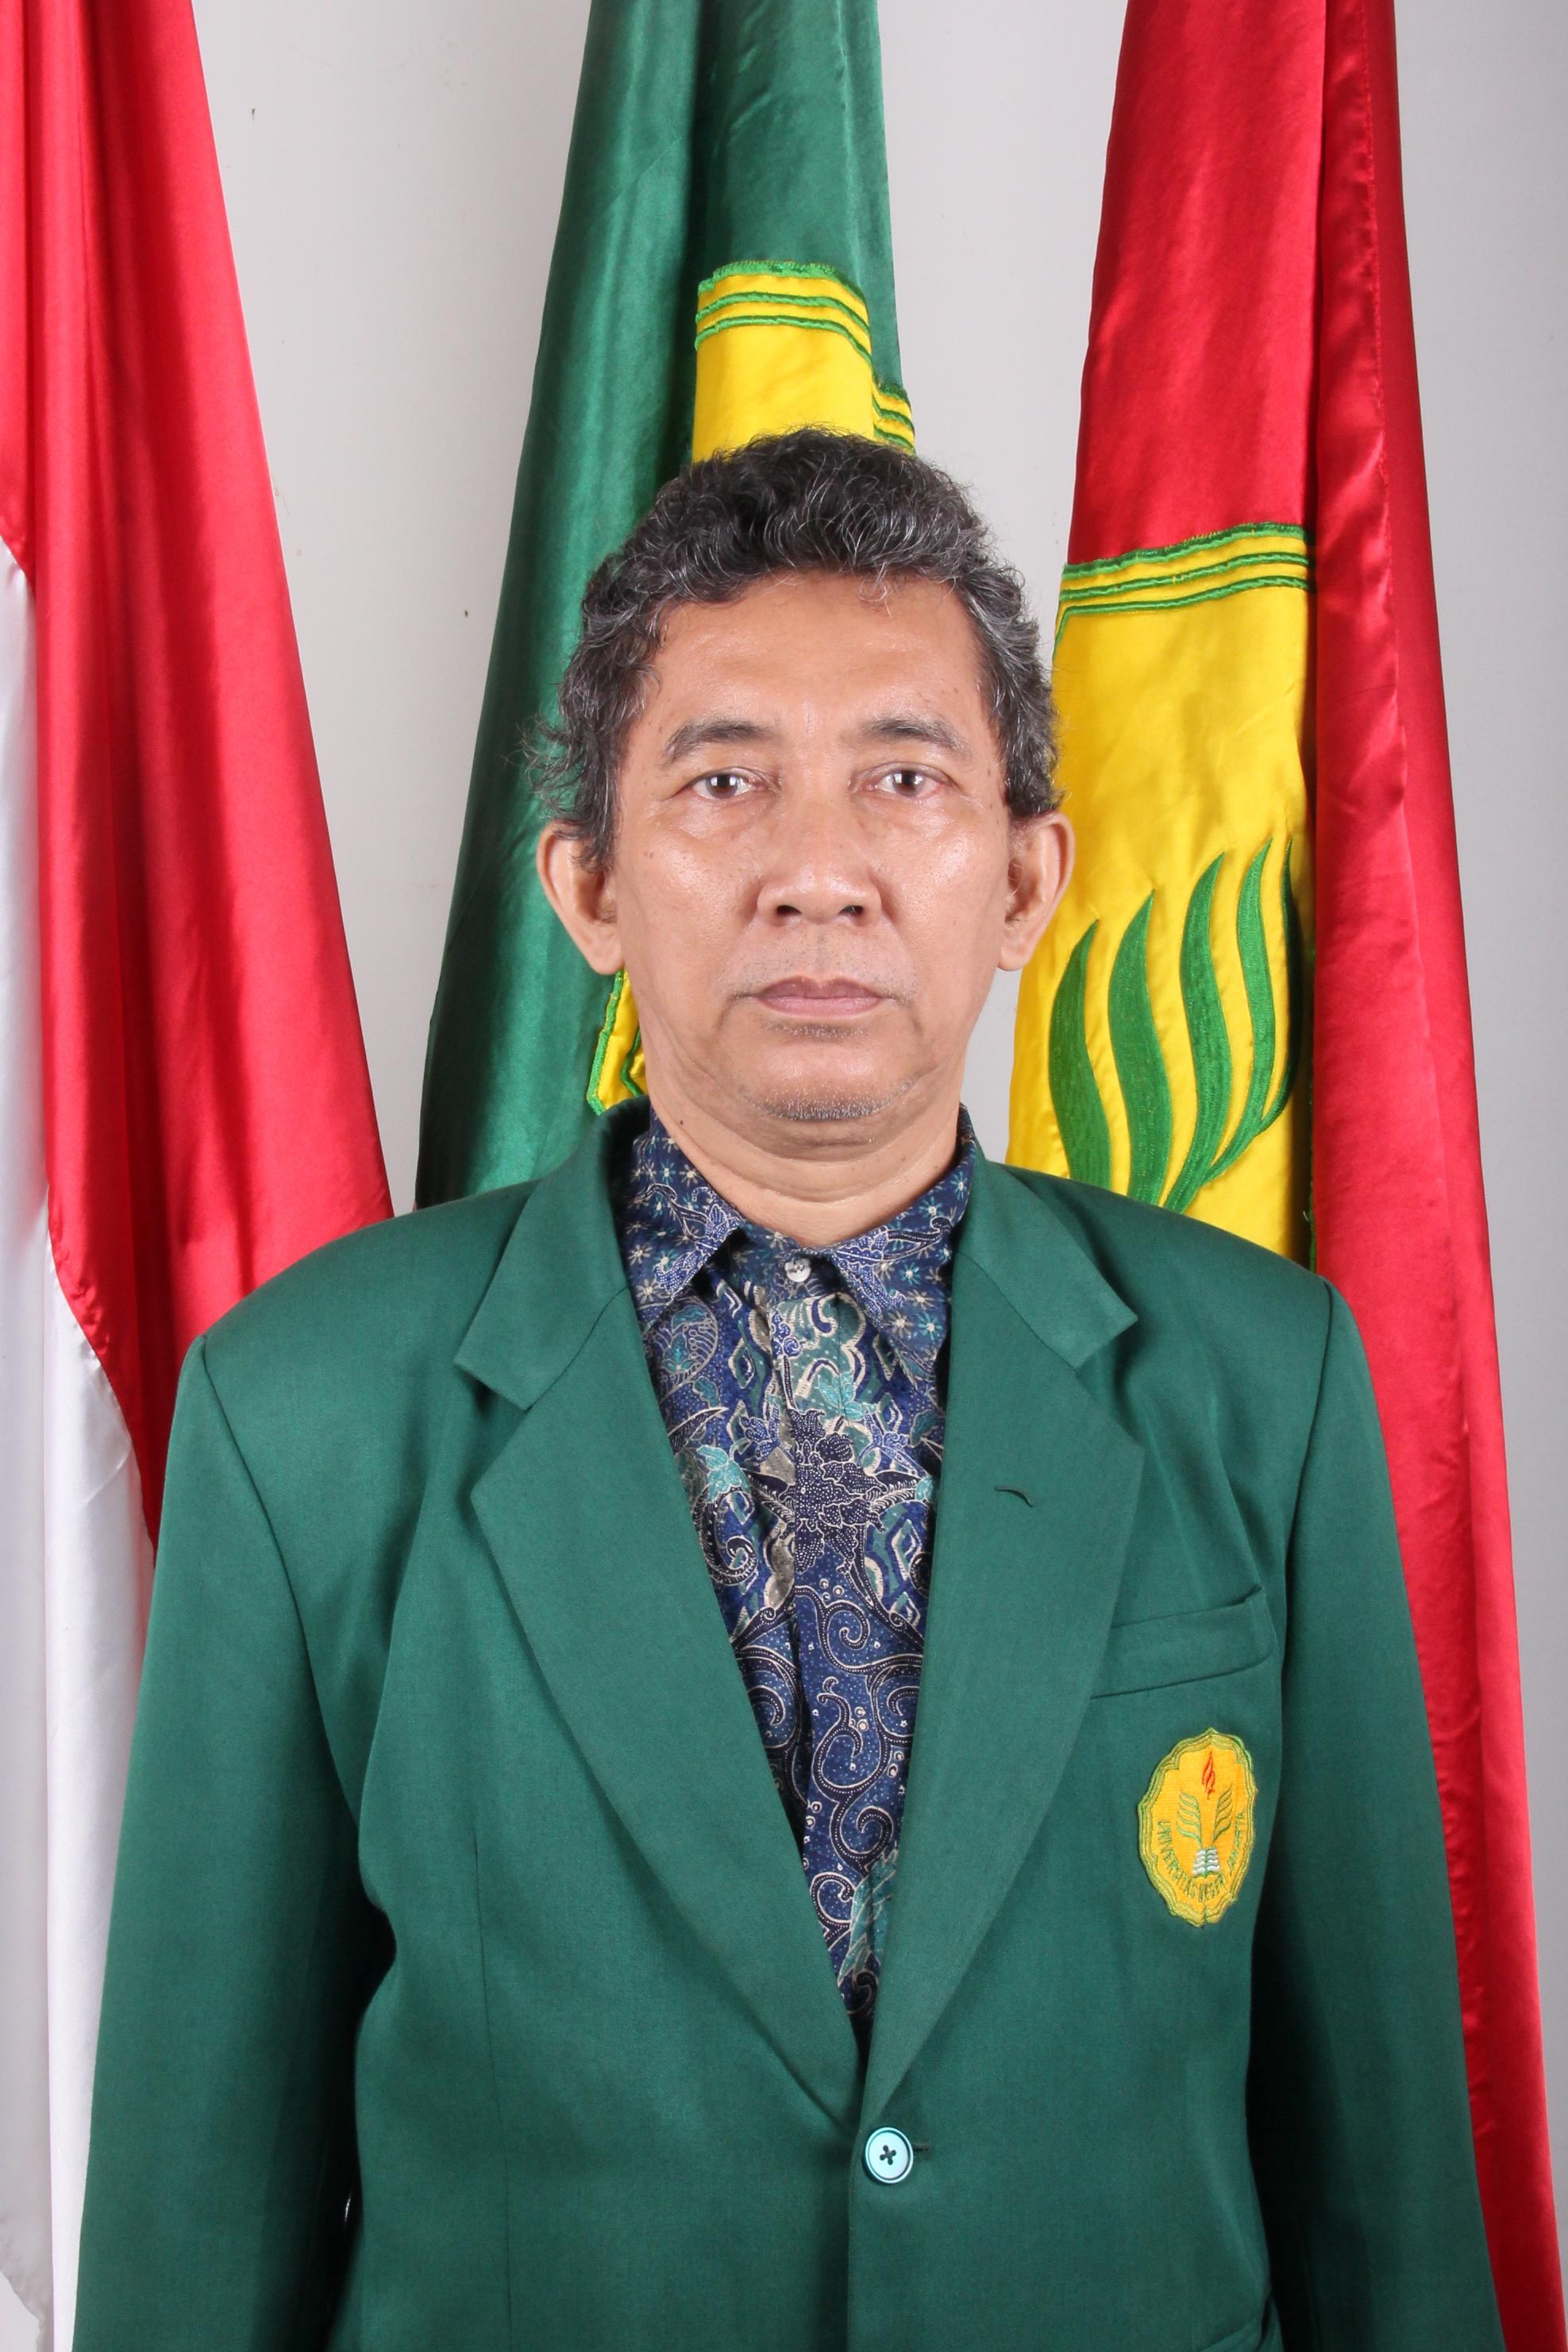 SEKJUR SEJARAH - Dr. Nurzengky Ibrahim, M.M.